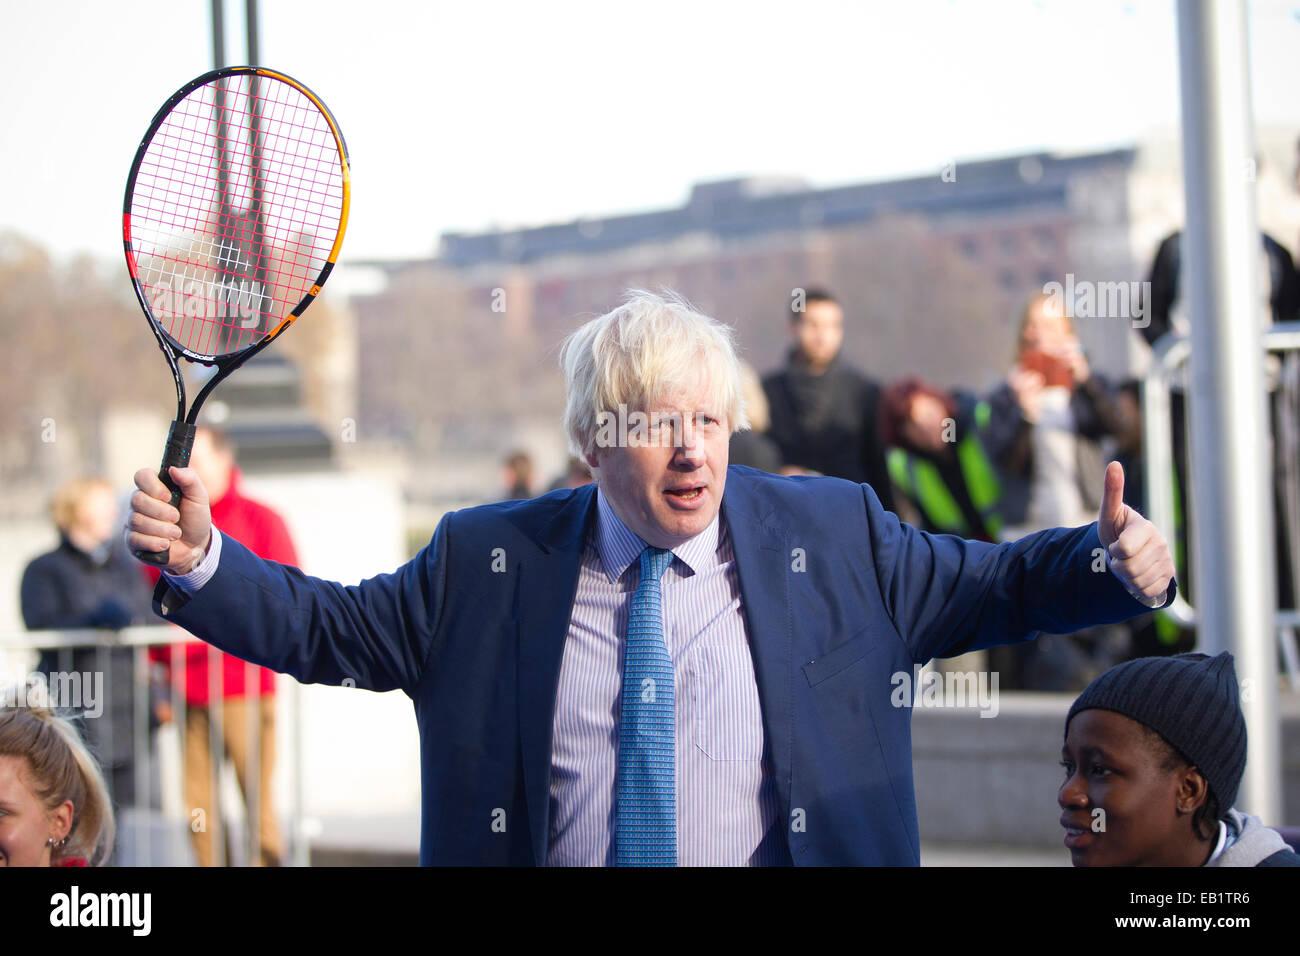 Londres, Reino Unido. El 24 de noviembre de 2014. Alcalde de Londres Boris Johnson a unirse a algunos de los mejores jugadores de tenis en silla de ruedas, ya que demuestran sus habilidades de cara al próximo NEC Masters de tenis en silla de ruedas. Crédito: Jeff Gilbert/Alamy Live News Foto de stock